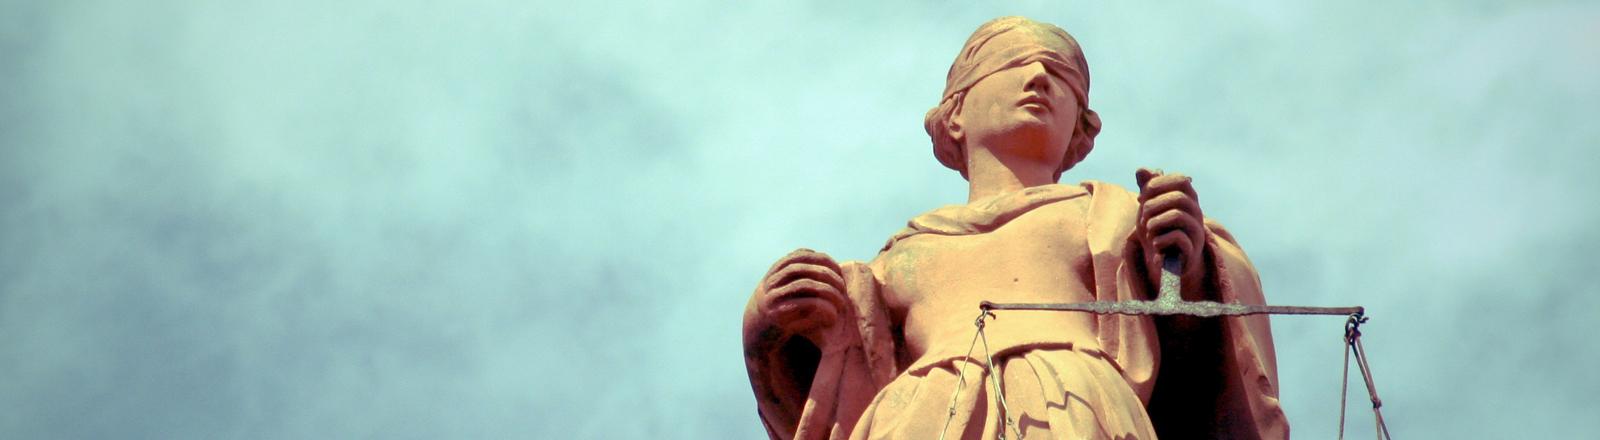 Statue der Göttin für Gerechtigkeit: Justitia.